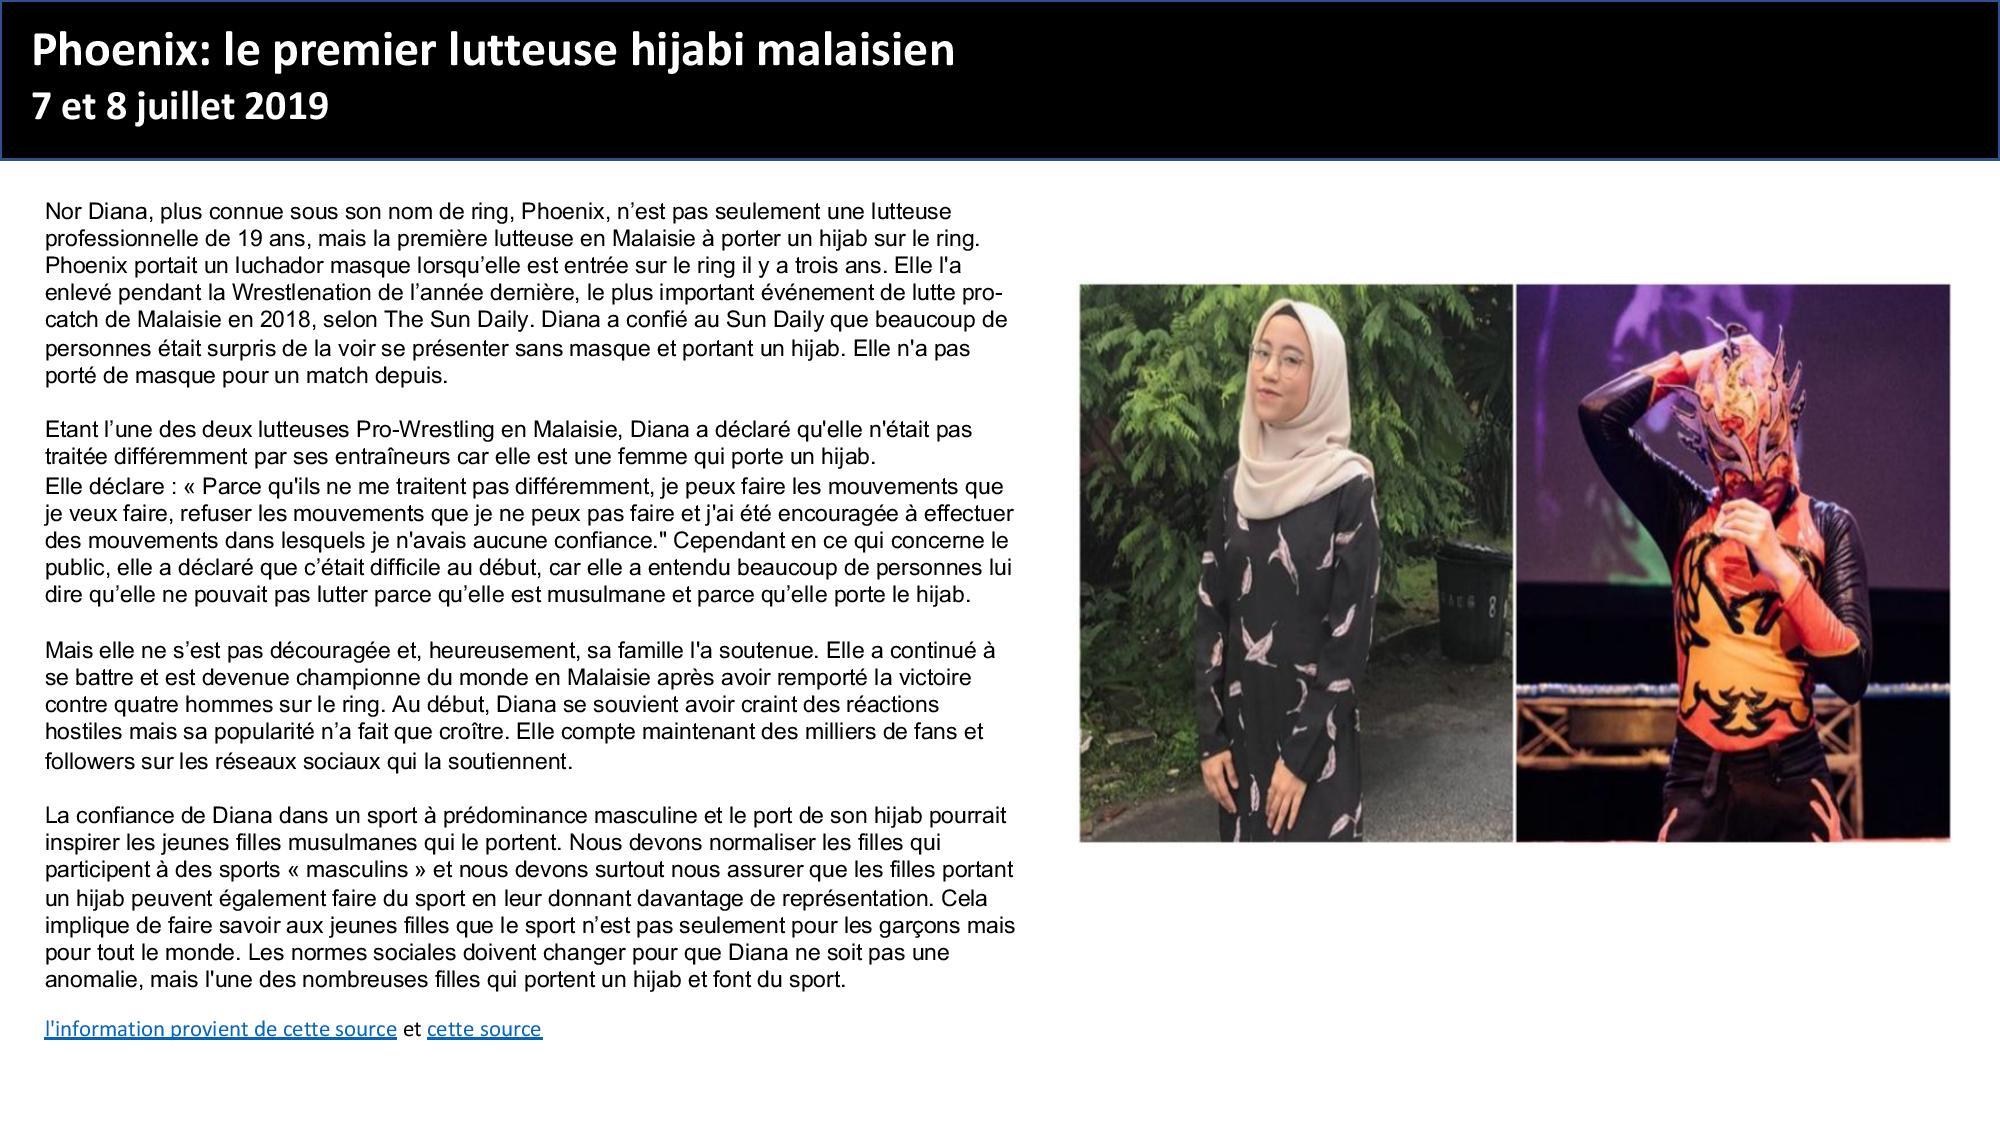 malaisie - 8.07.19